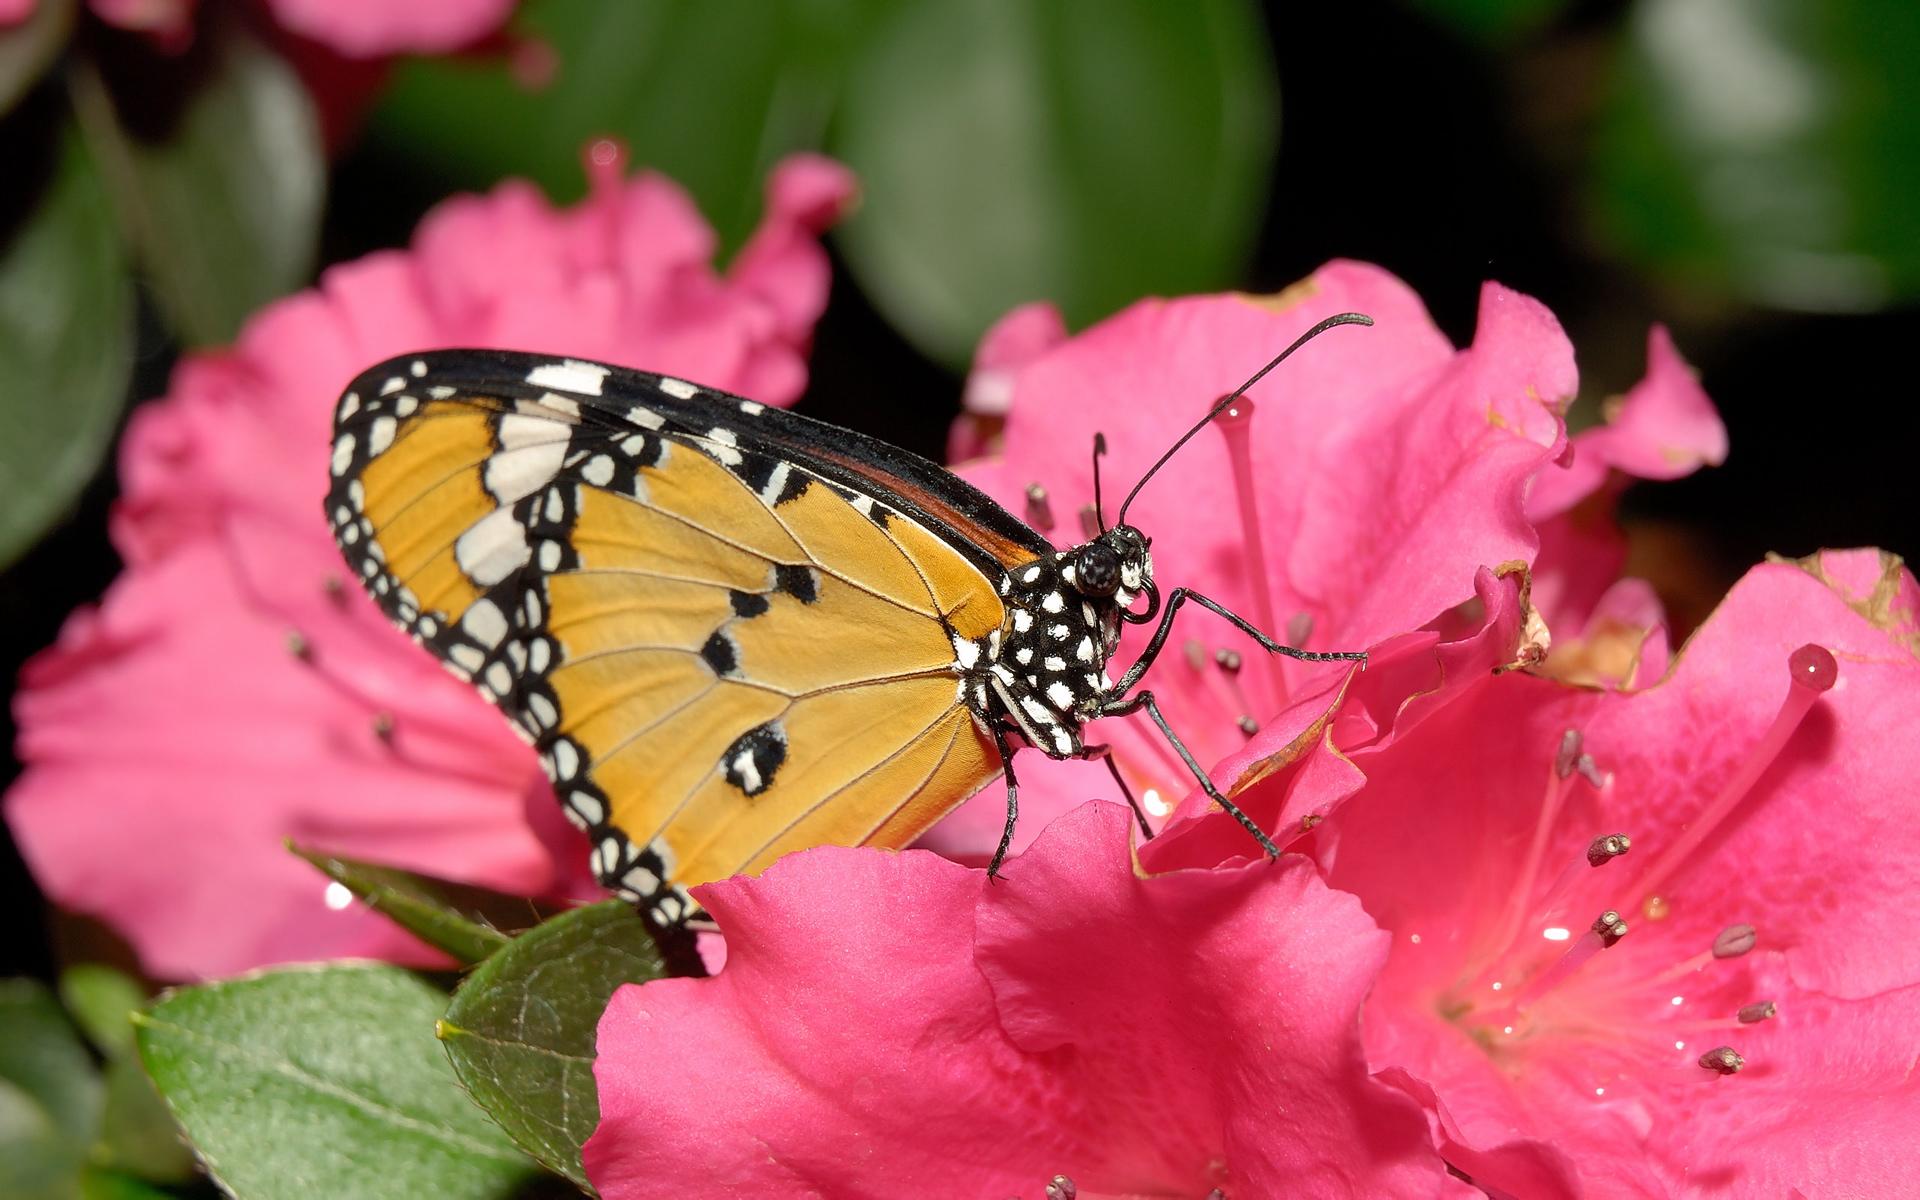 வால்பேப்பர்கள் ( flowers wallpapers ) 01 - Page 4 Flowers-wallpaper-butterfly-homepage-pink-12851